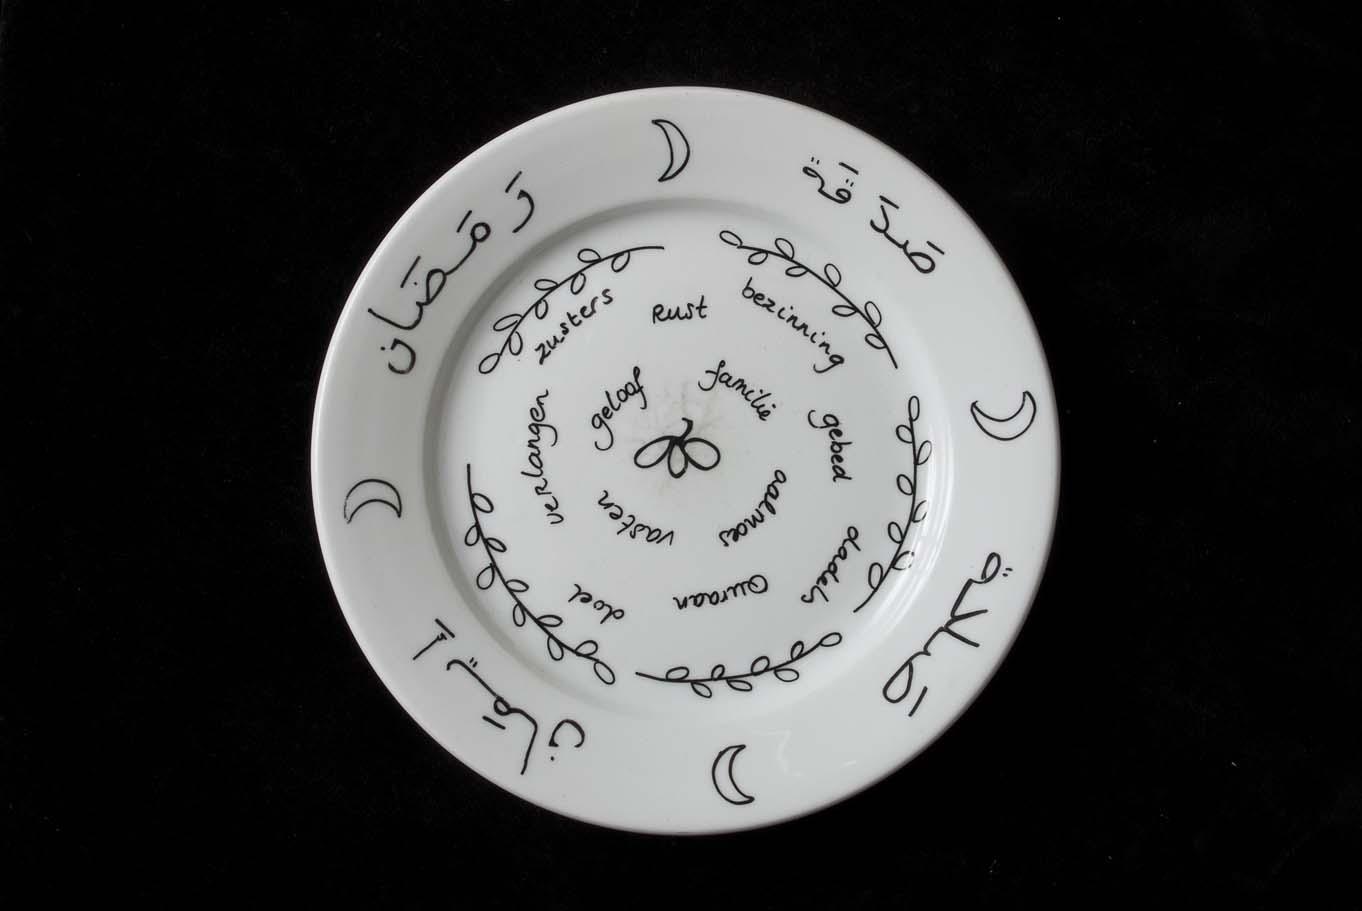 Ik vast: zusters, bezinning, dadels, doel, verlangen, rust, Quraan, vasten, geloof, familie, aalmoes